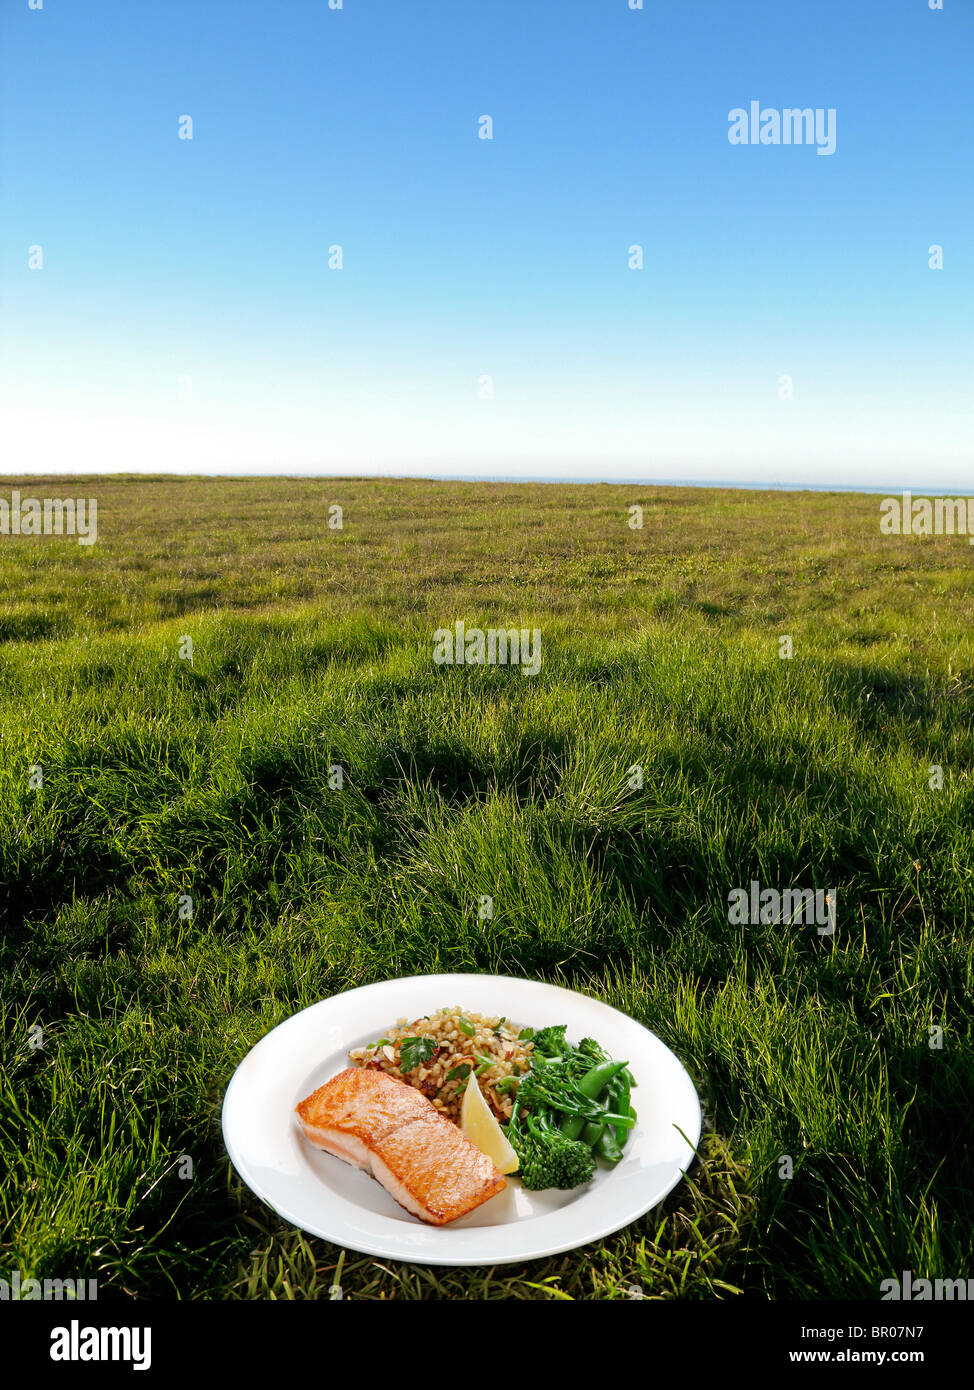 frischen Teller mit Abendessen auf dem Rasen außerhalb Stockbild